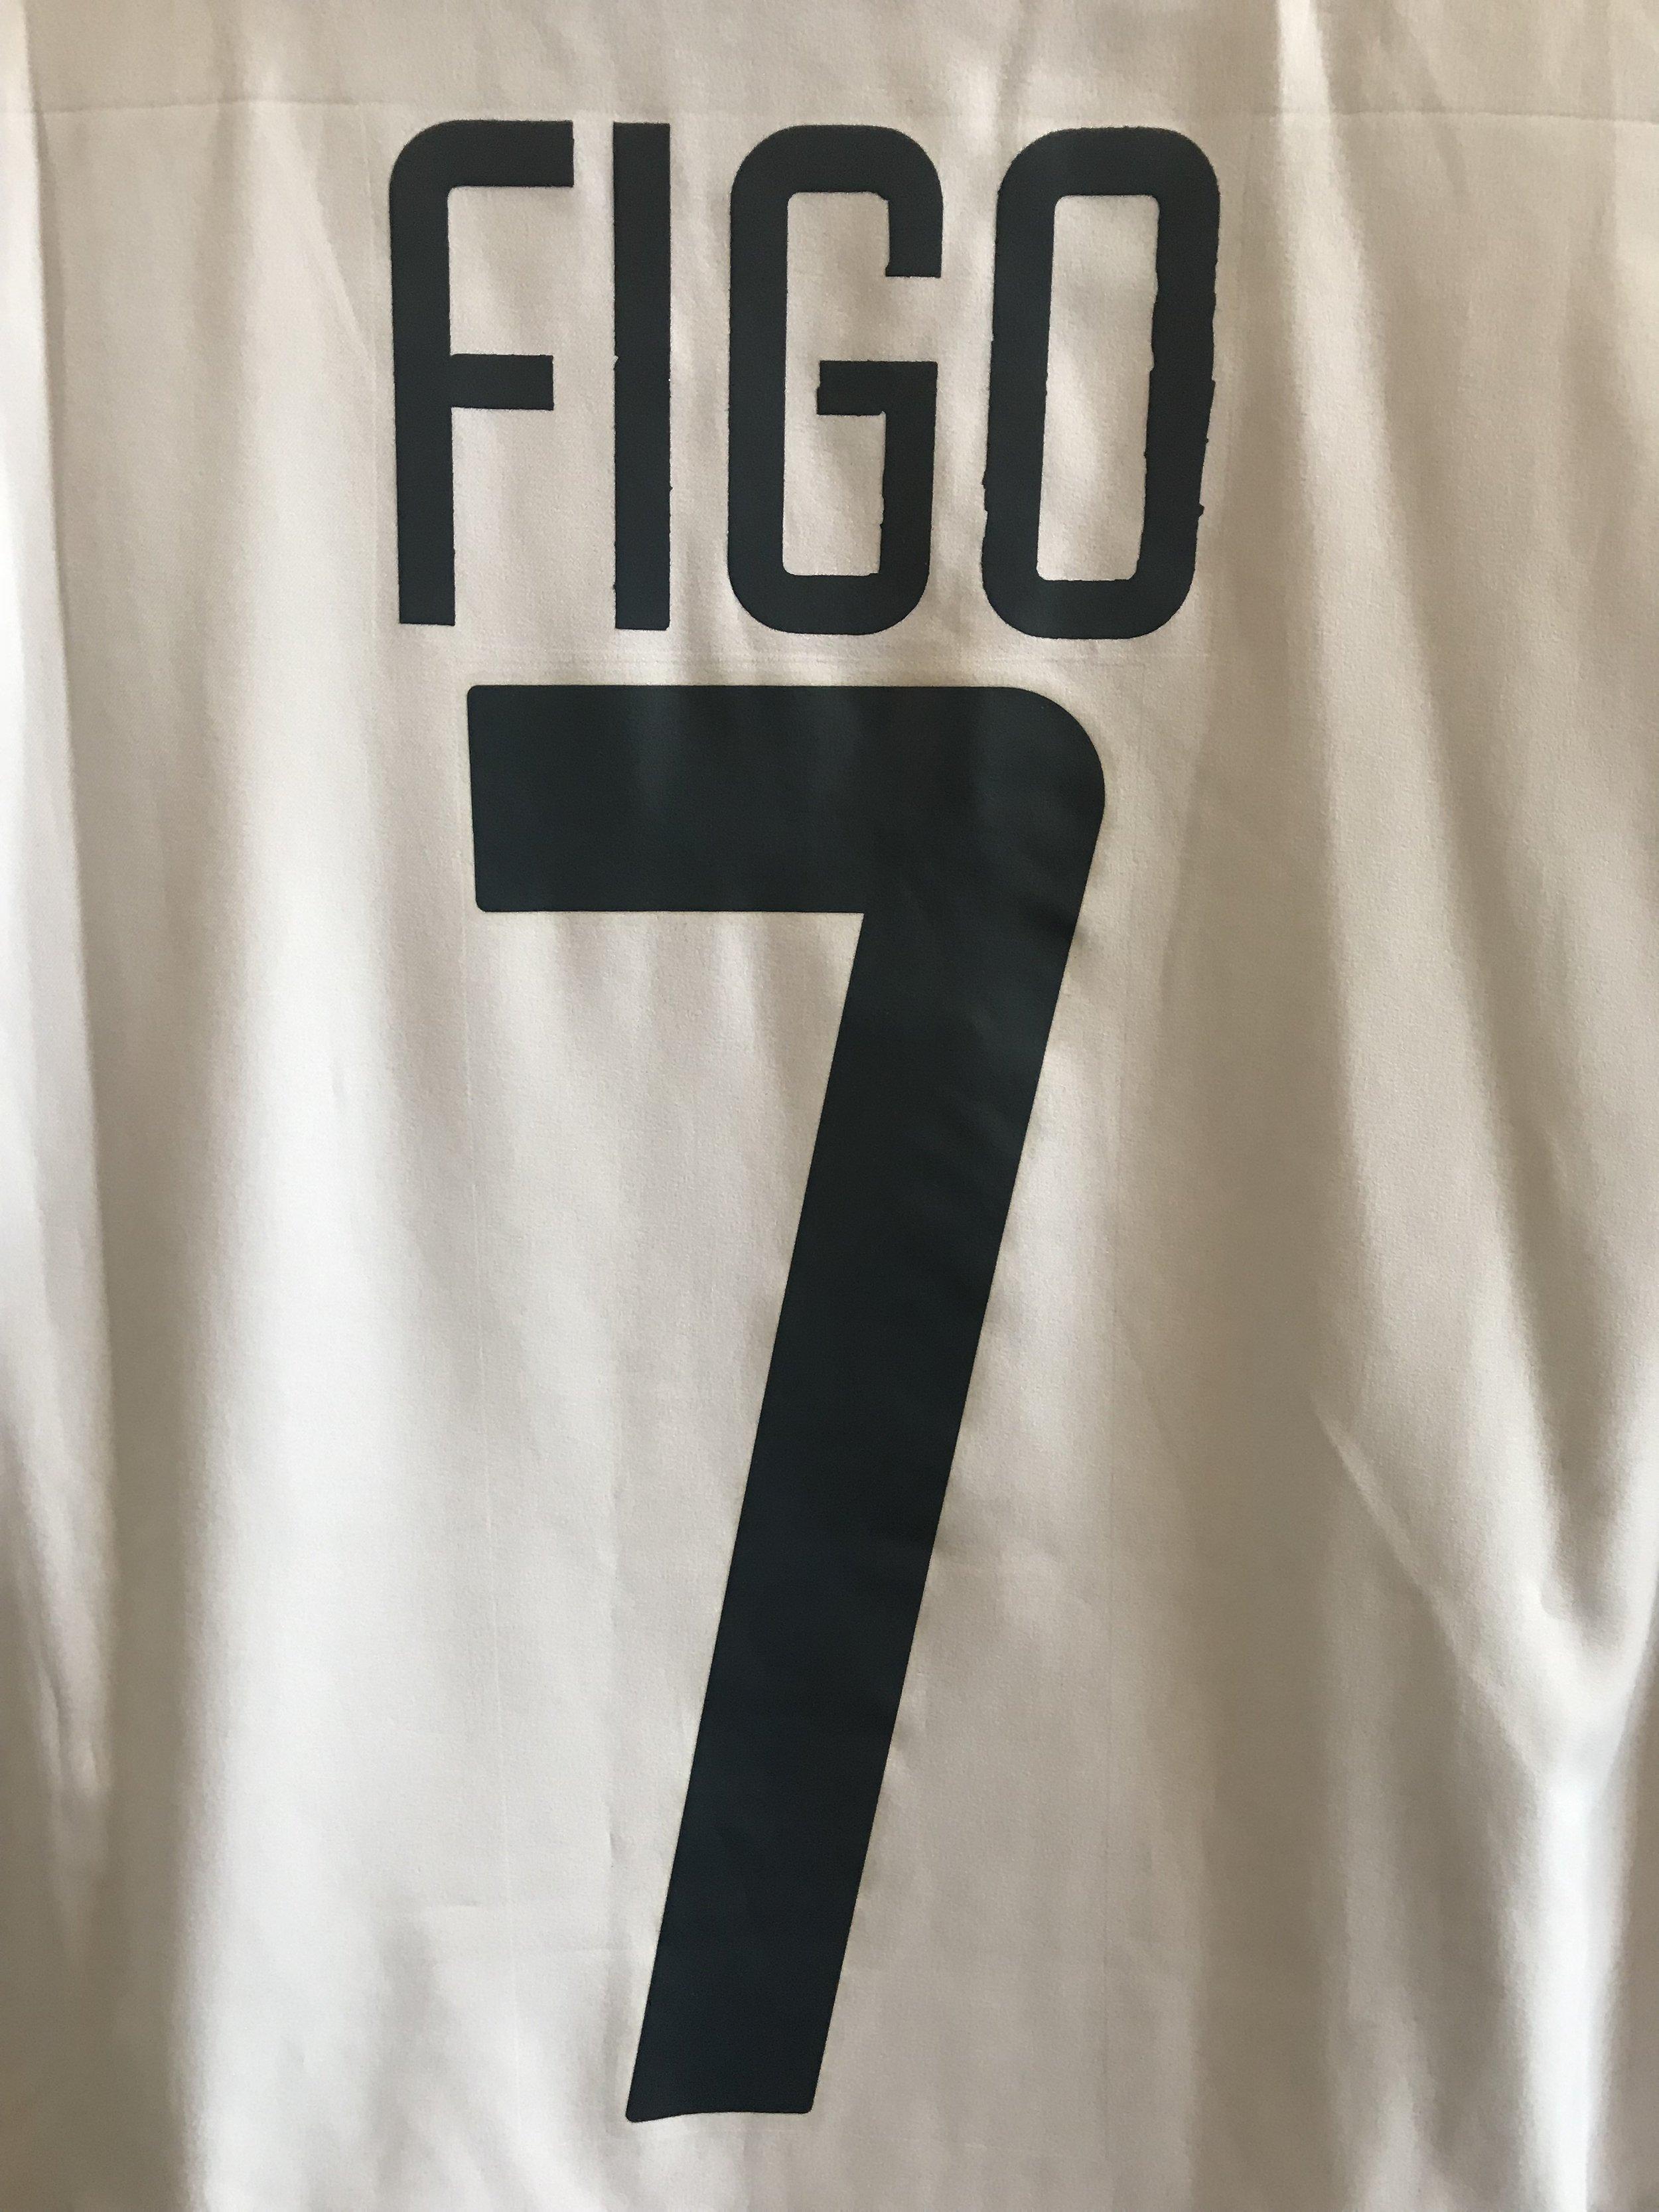 Figo - 1.jpg